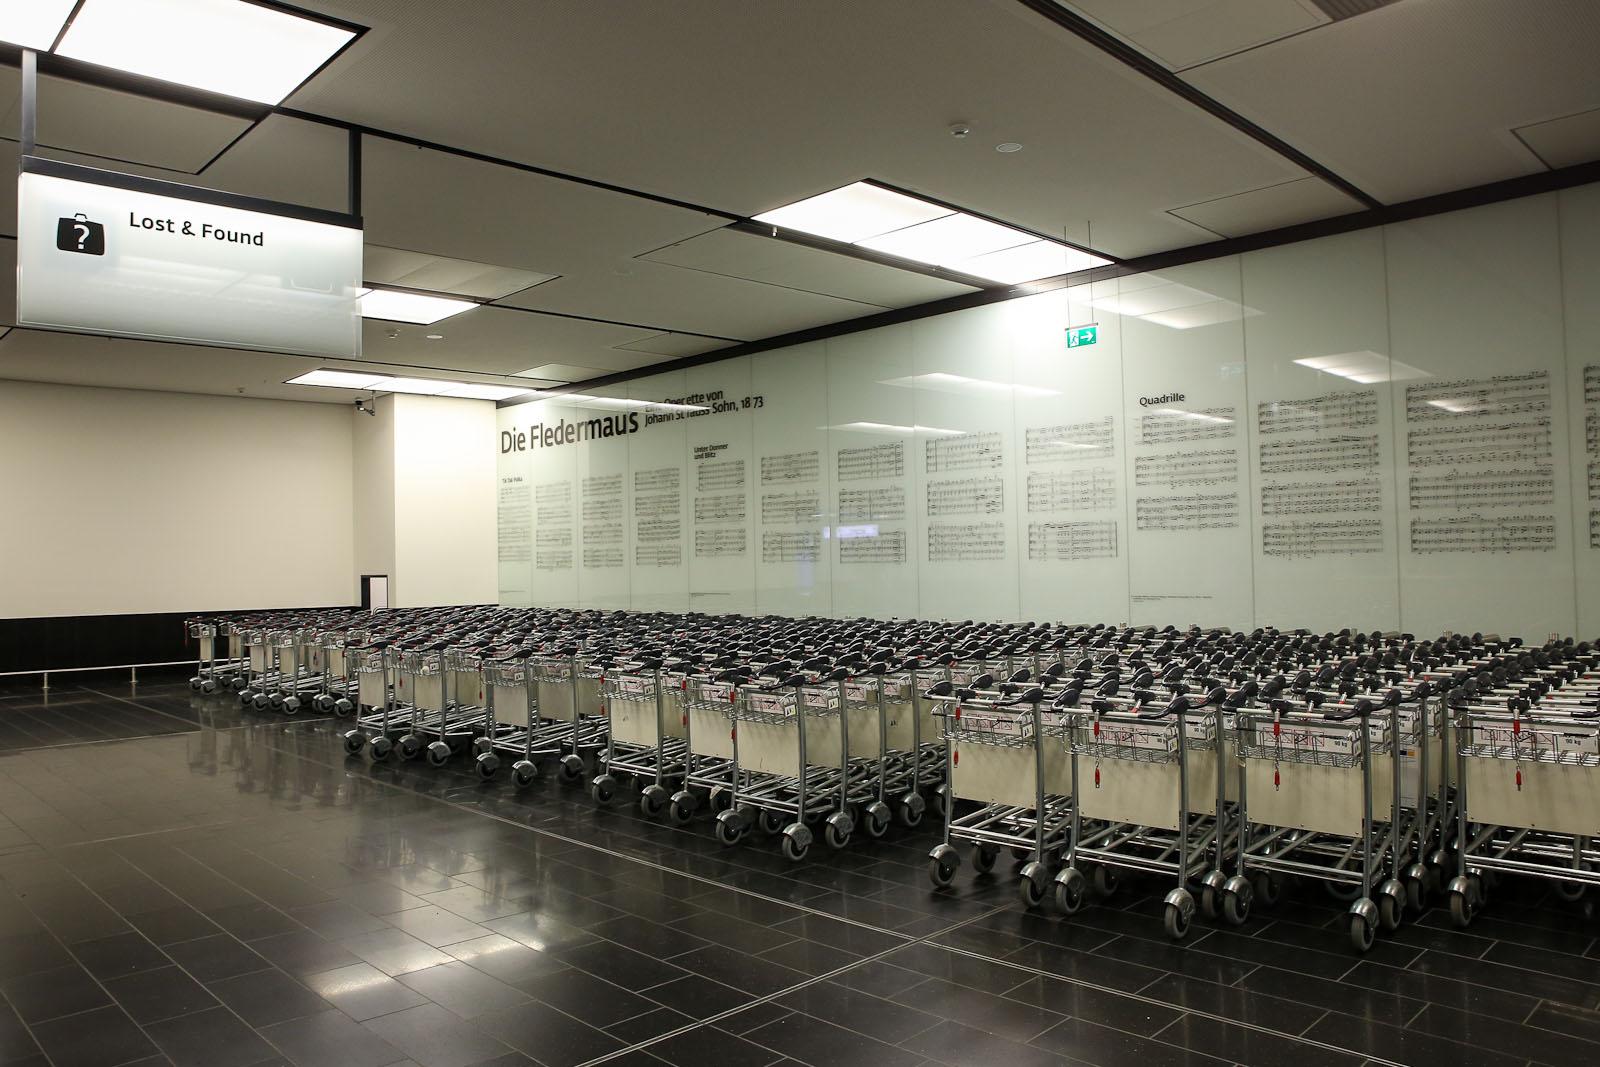 Тележки для багажа в зале прилета в аэропорту Вена Швехат